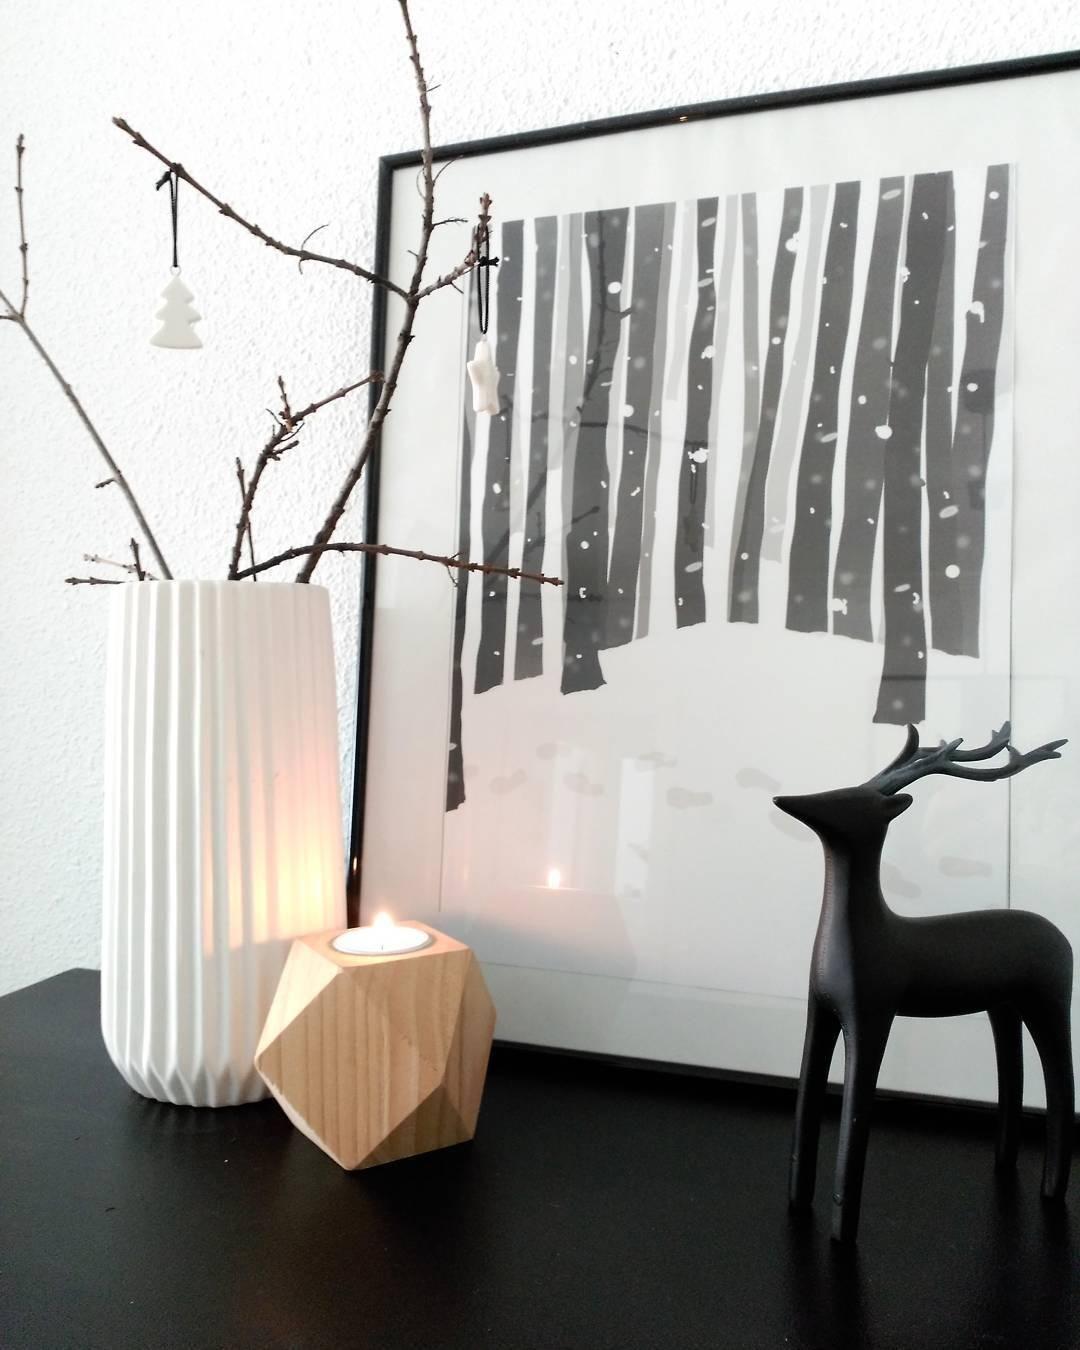 Mini Fairy Lights With 80 Lights Diy Winter Deko Weihnachtsbeleuchtung Weihnachten Dekoration Weihnachtslichter